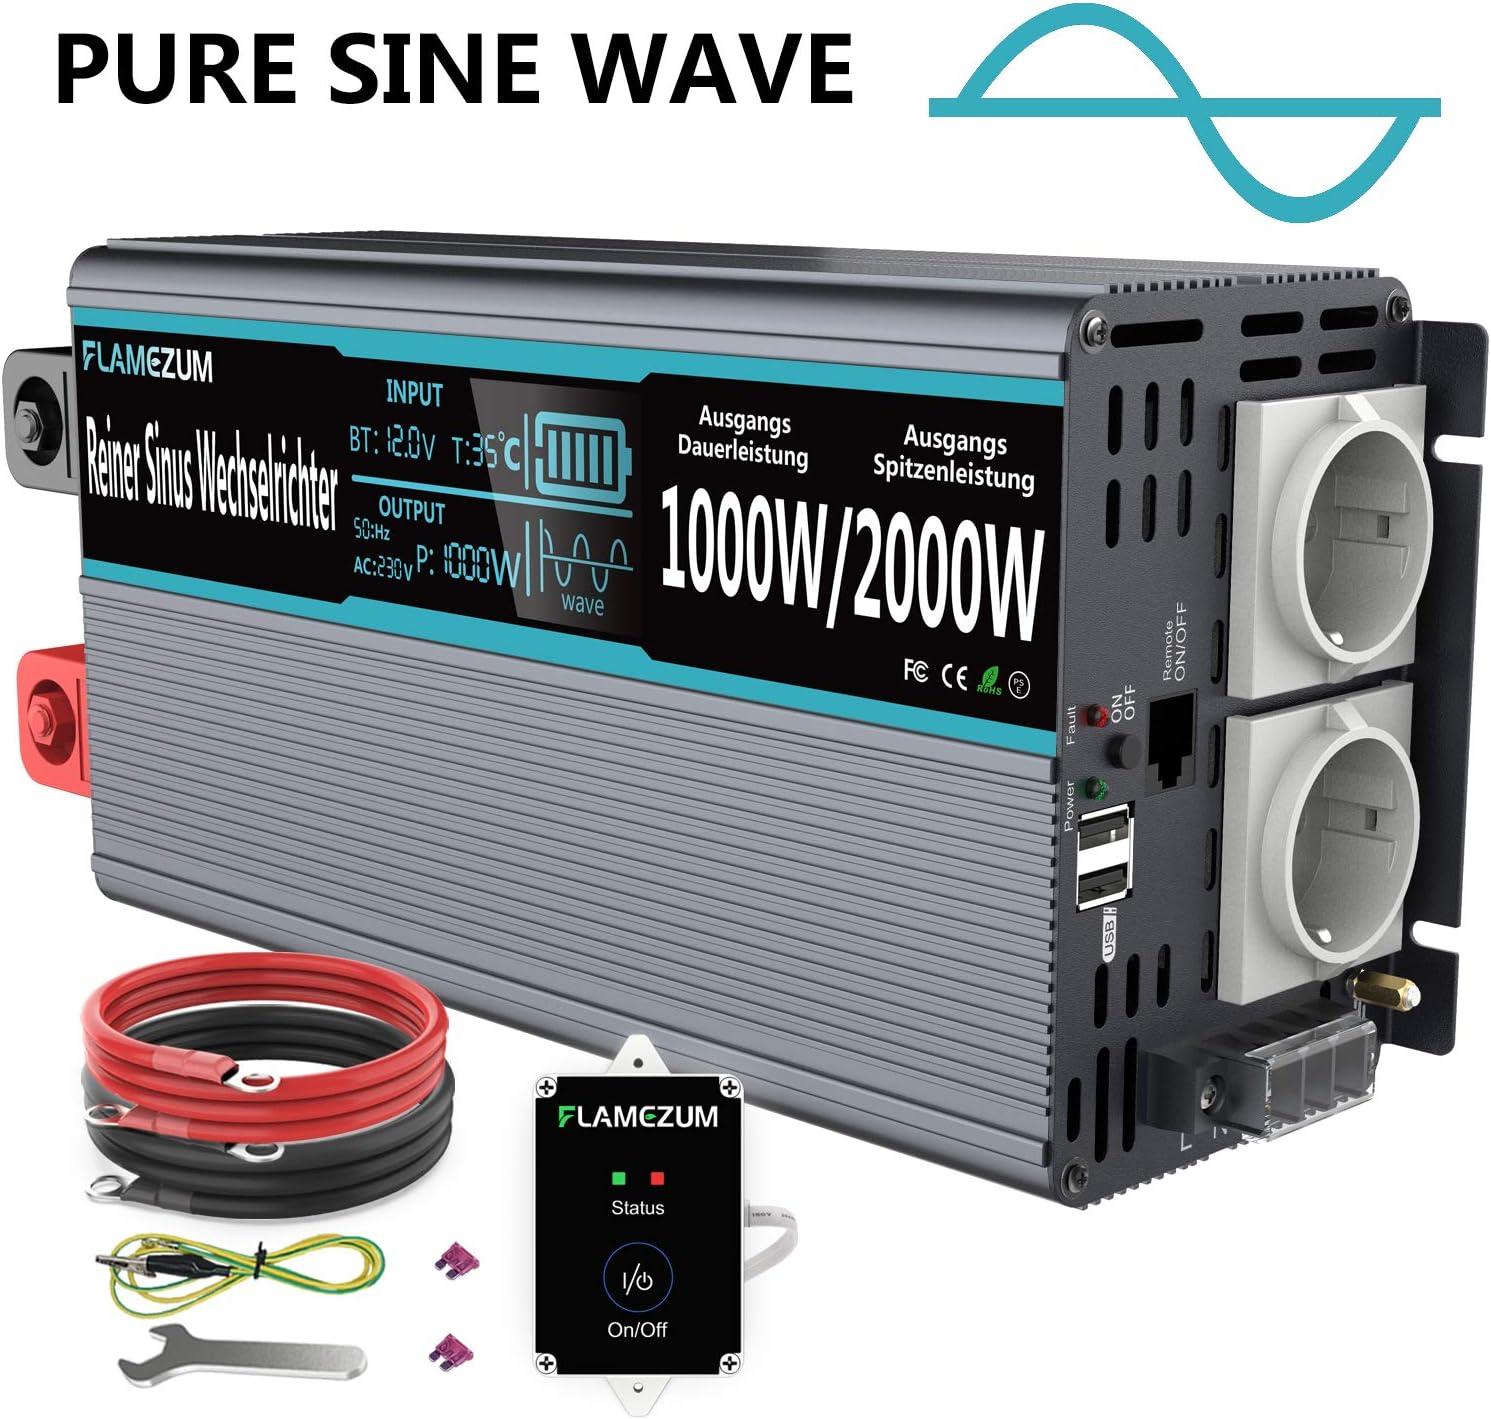 1000w Reiner Sinus Spannungswandler 12v Auf 230v 1000w Elektronik